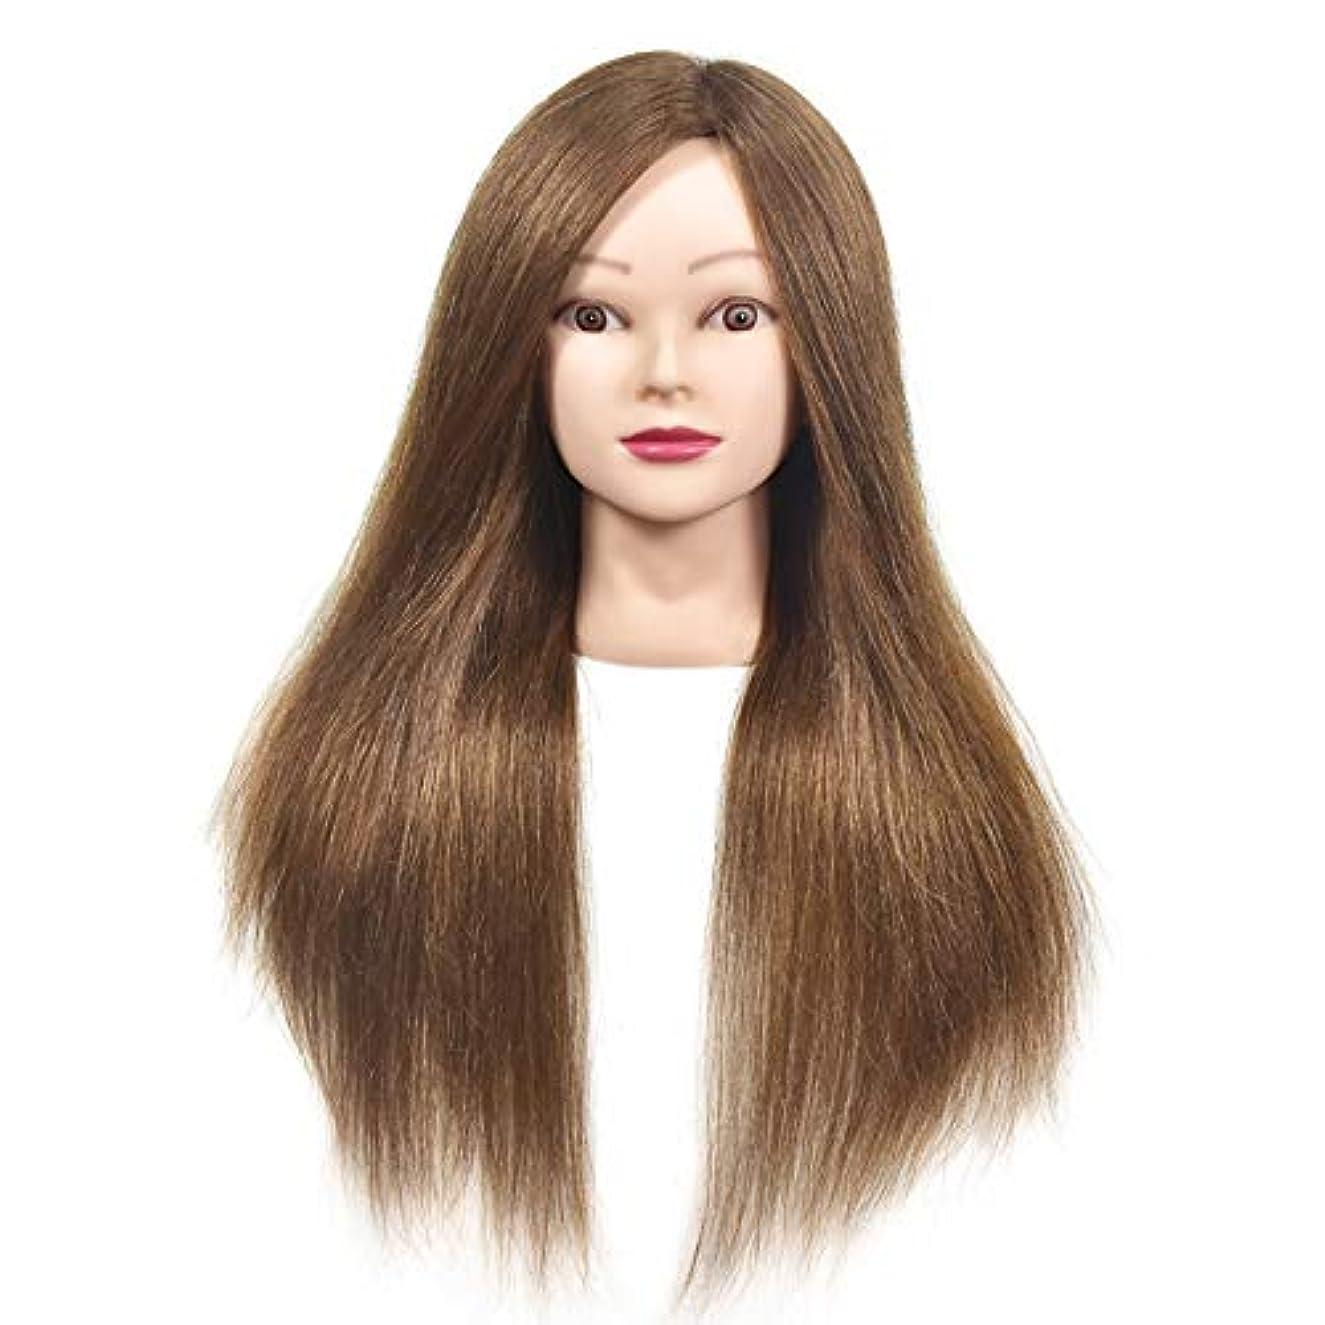 外観暗殺近代化する本物の人間の髪のかつらの頭の金型の頭の編み出しスタイリングのマネキン頭の理髪店の練習の教師のダミーヘッド